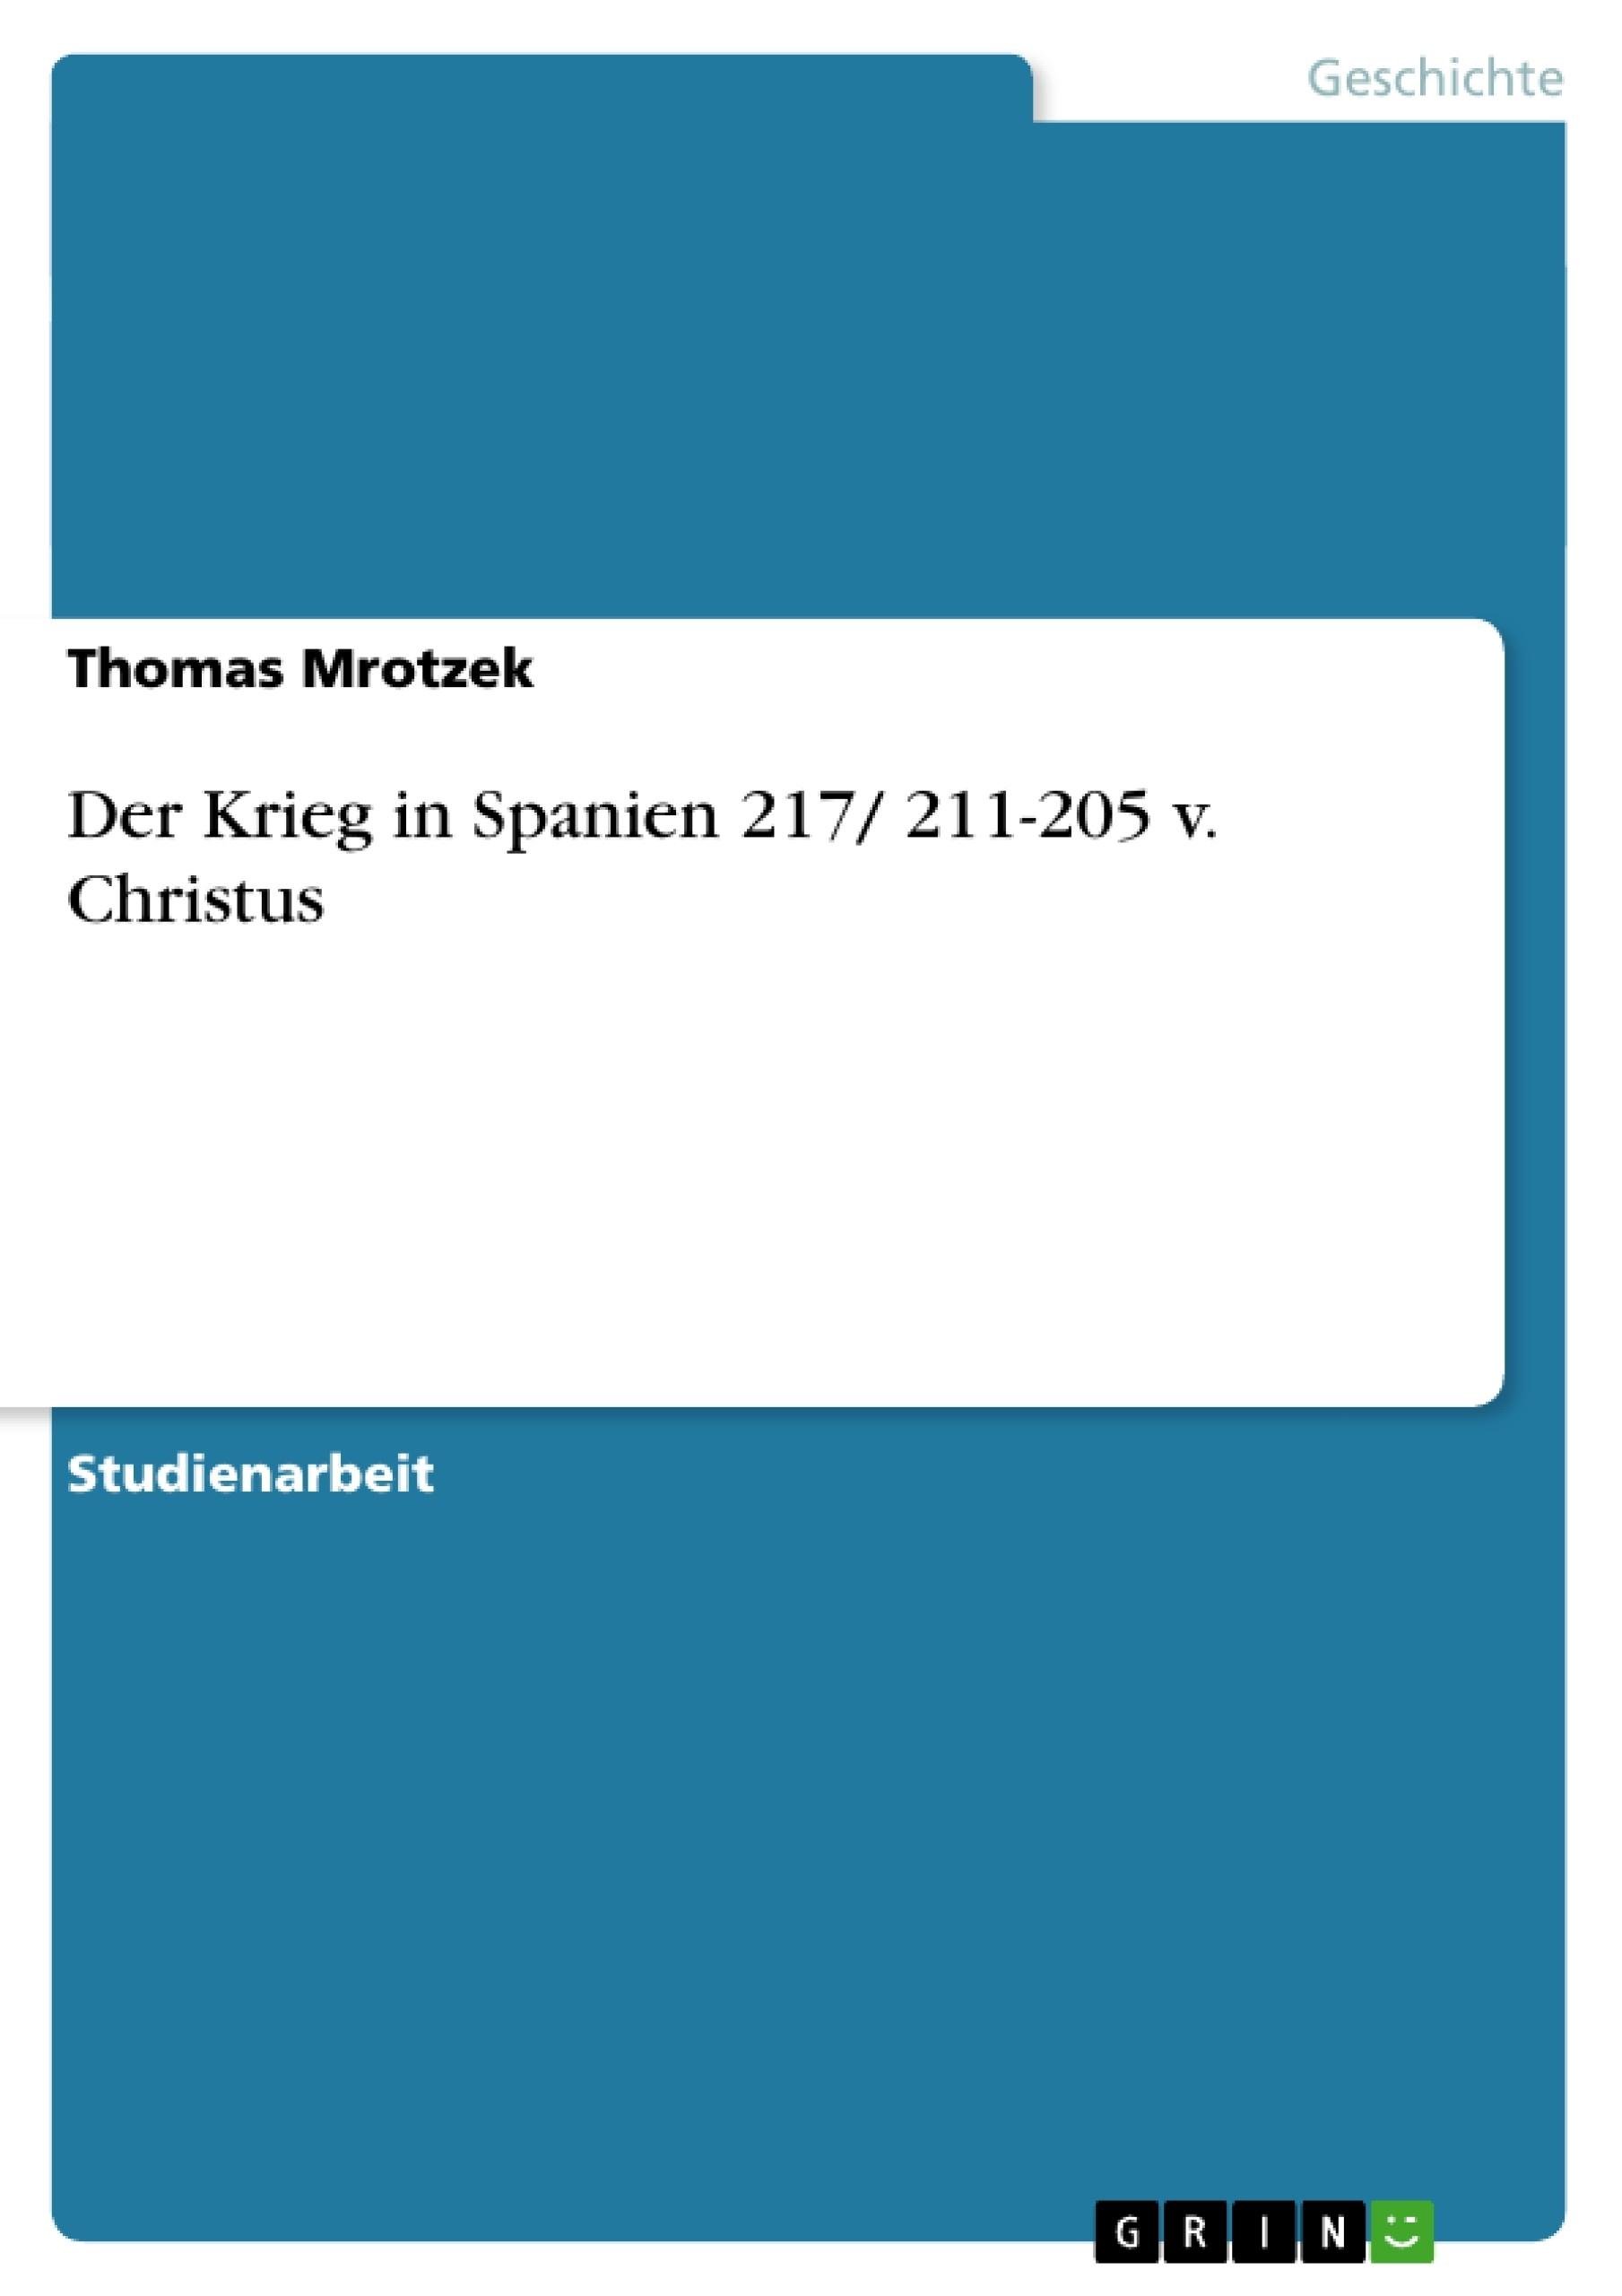 Titel: Der Krieg in Spanien 217/ 211-205 v. Christus